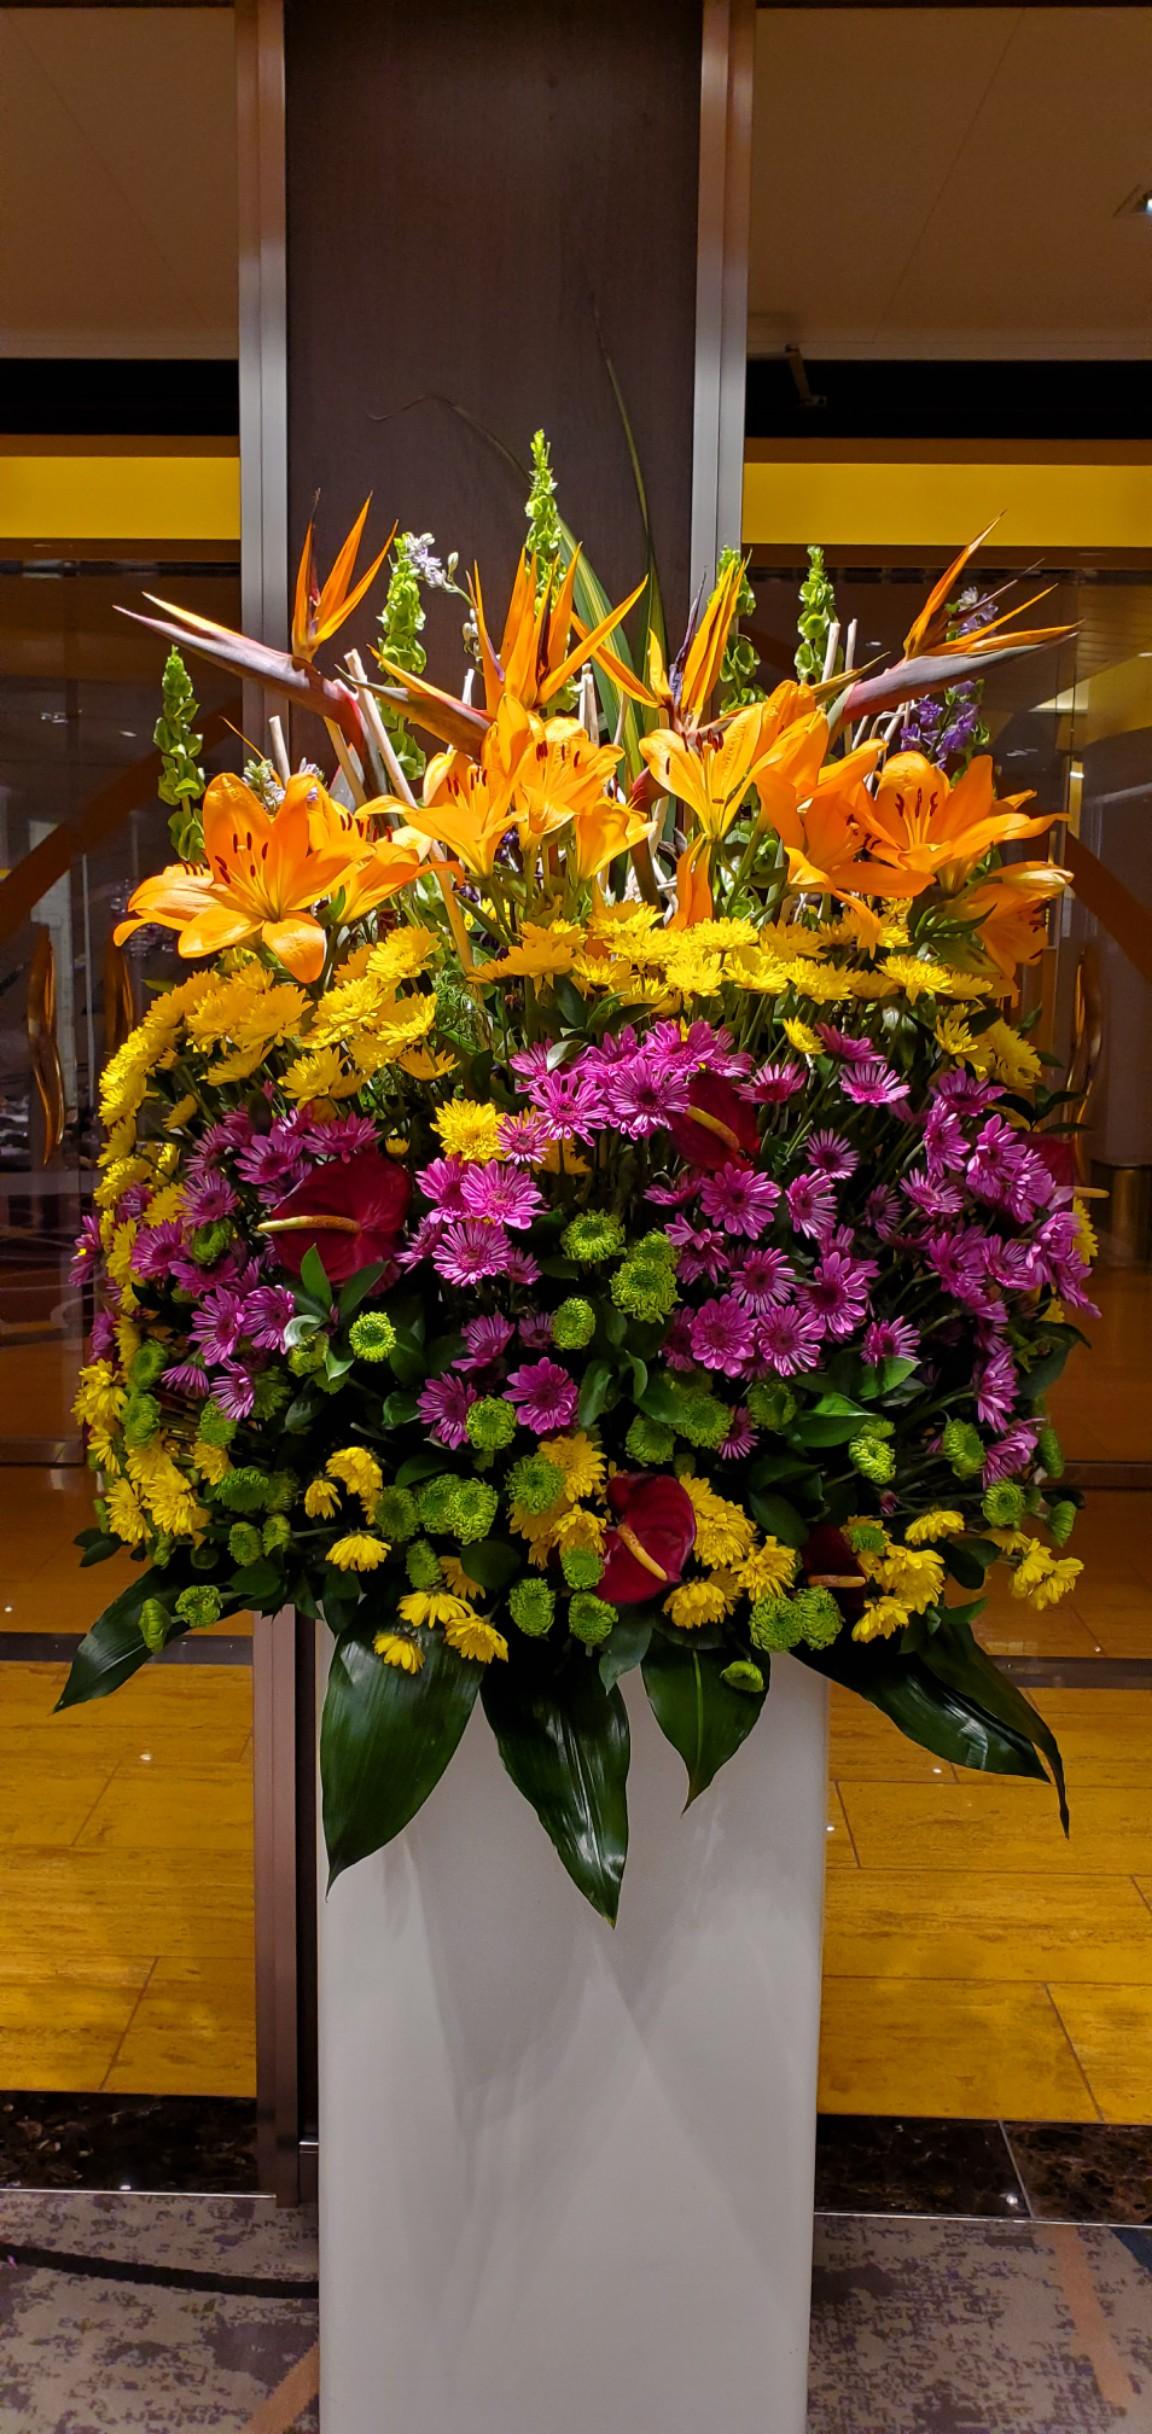 Pretty Flower Arrangements Change Often on HAL's Nieuw Statendam - We Found These as We Walked Around